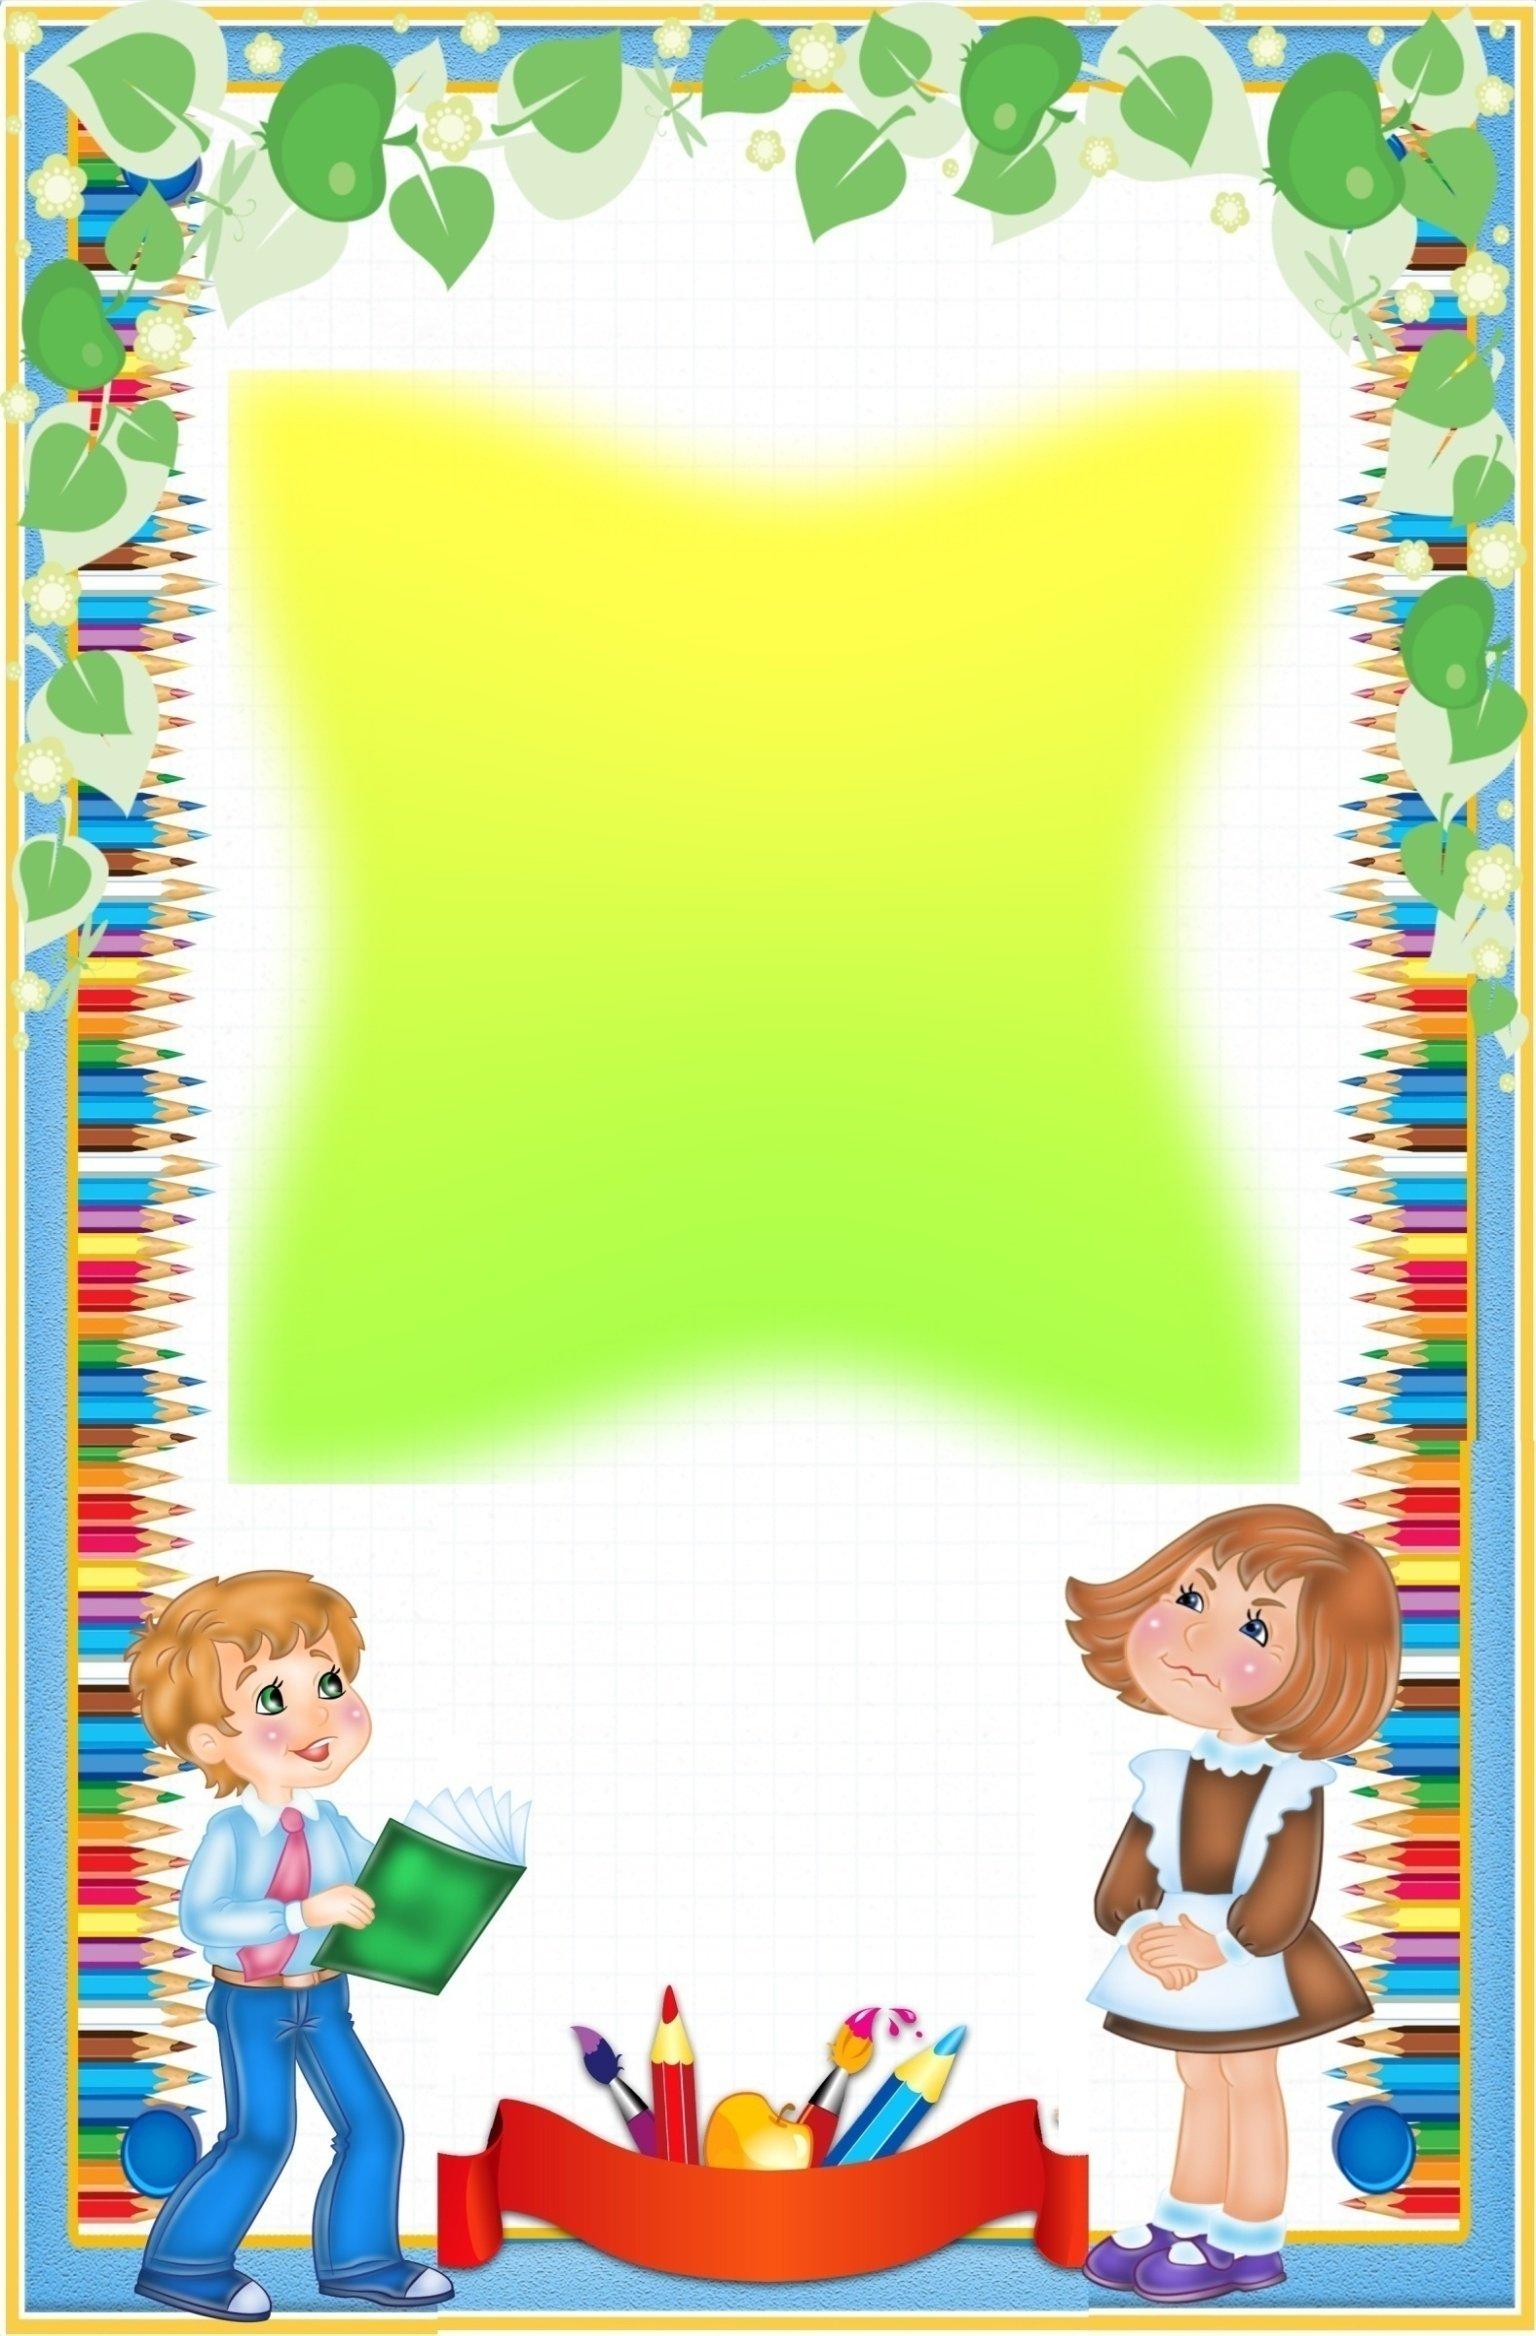 Картинки рамок для оформления текста для портфолио